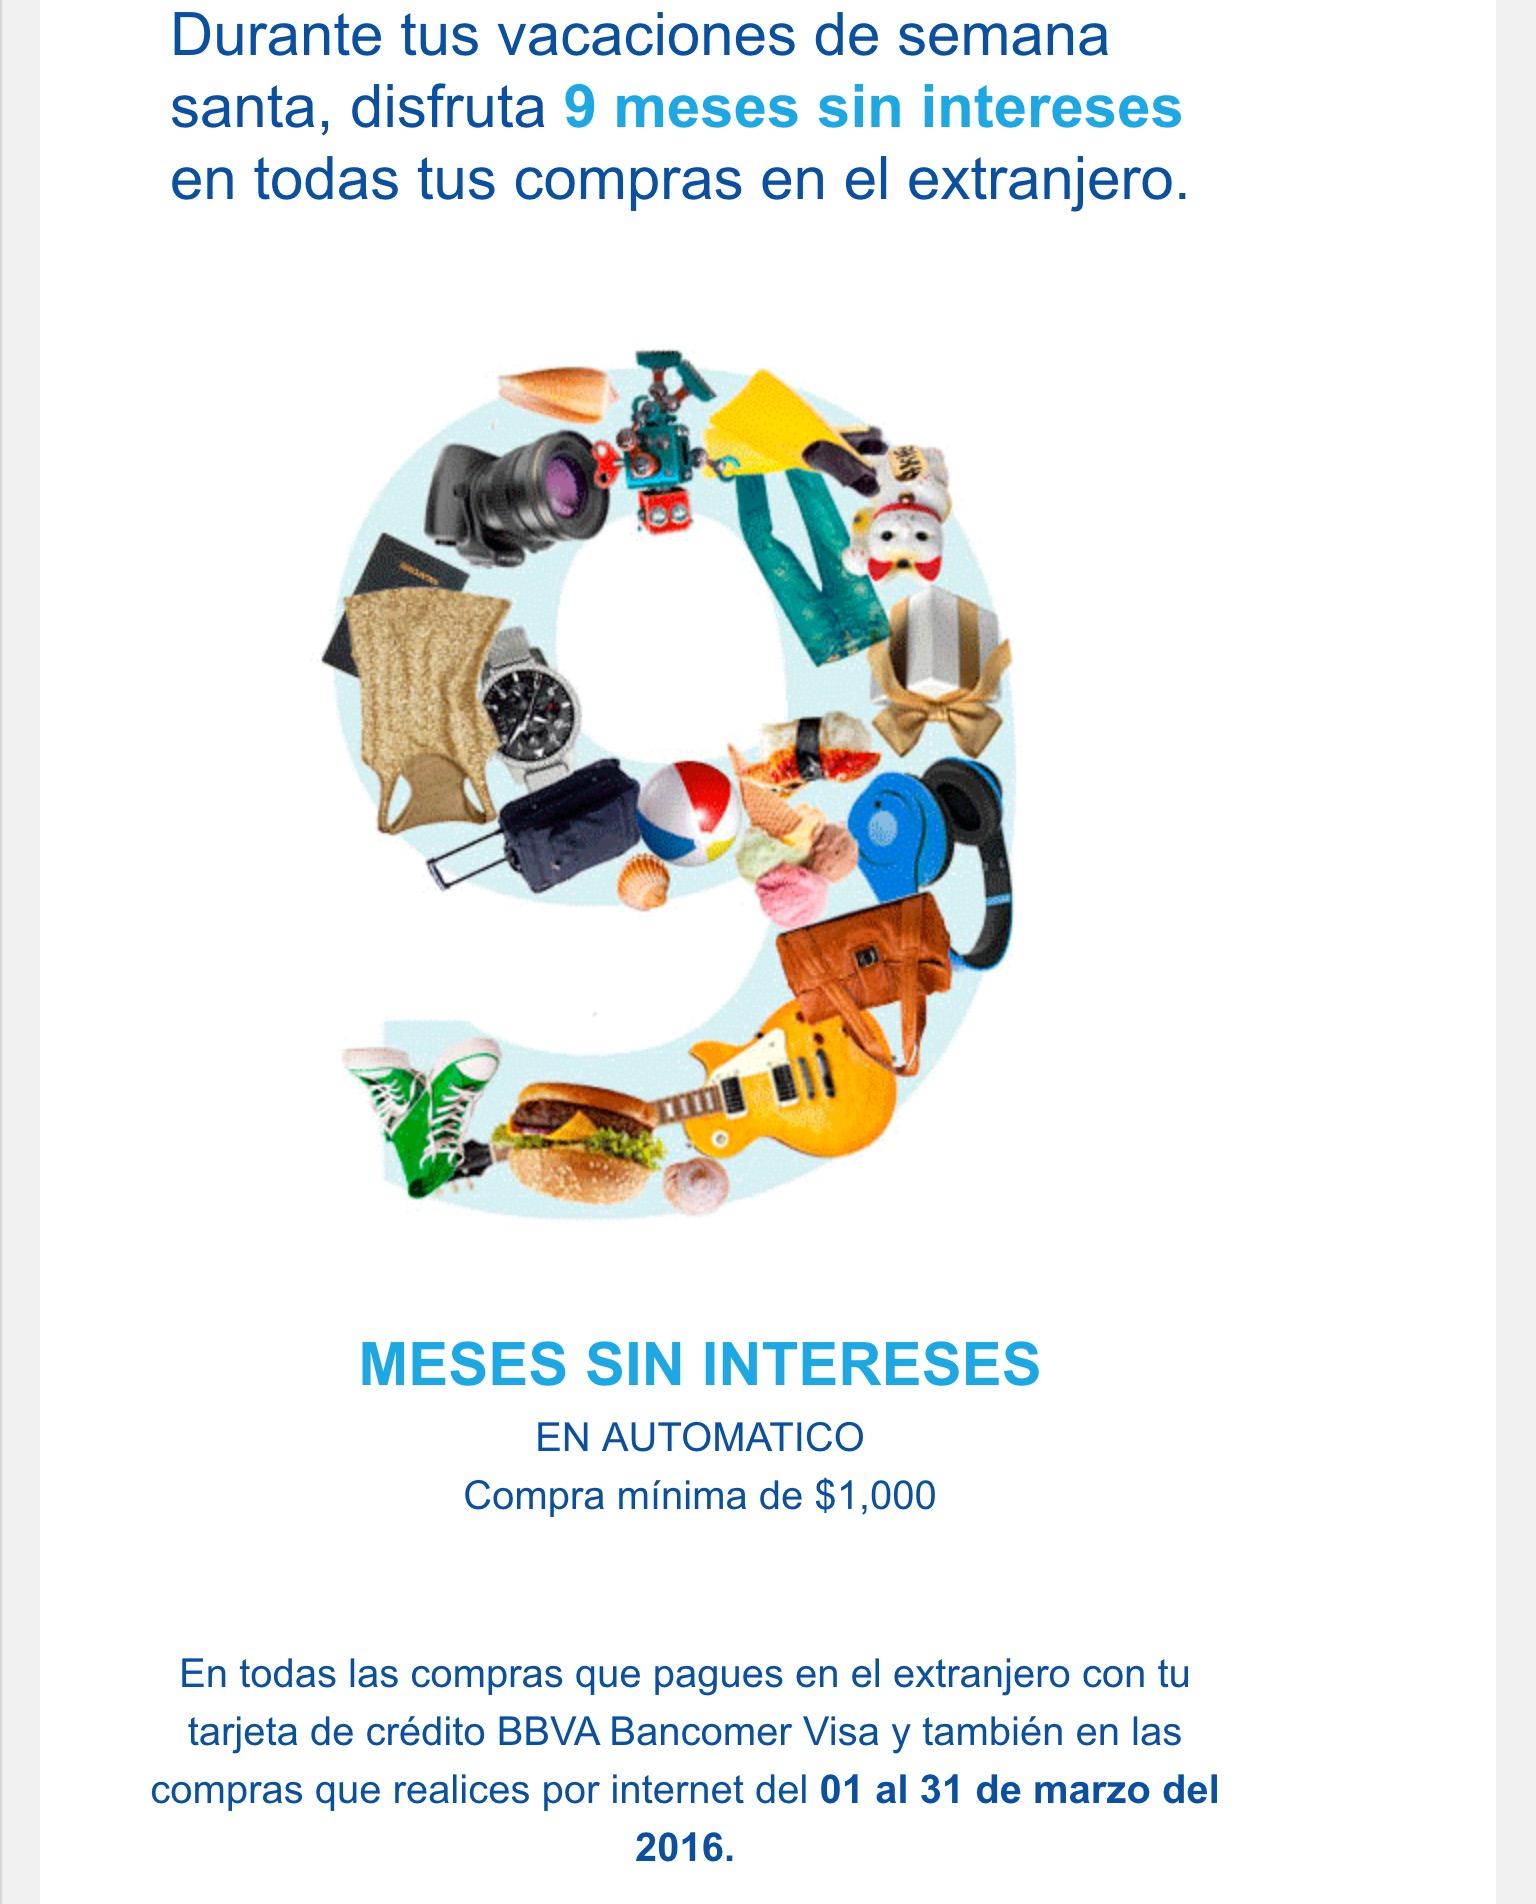 Bancomer: 9 meses sin intereses en compras en el extranjero o sitios web del extranjero